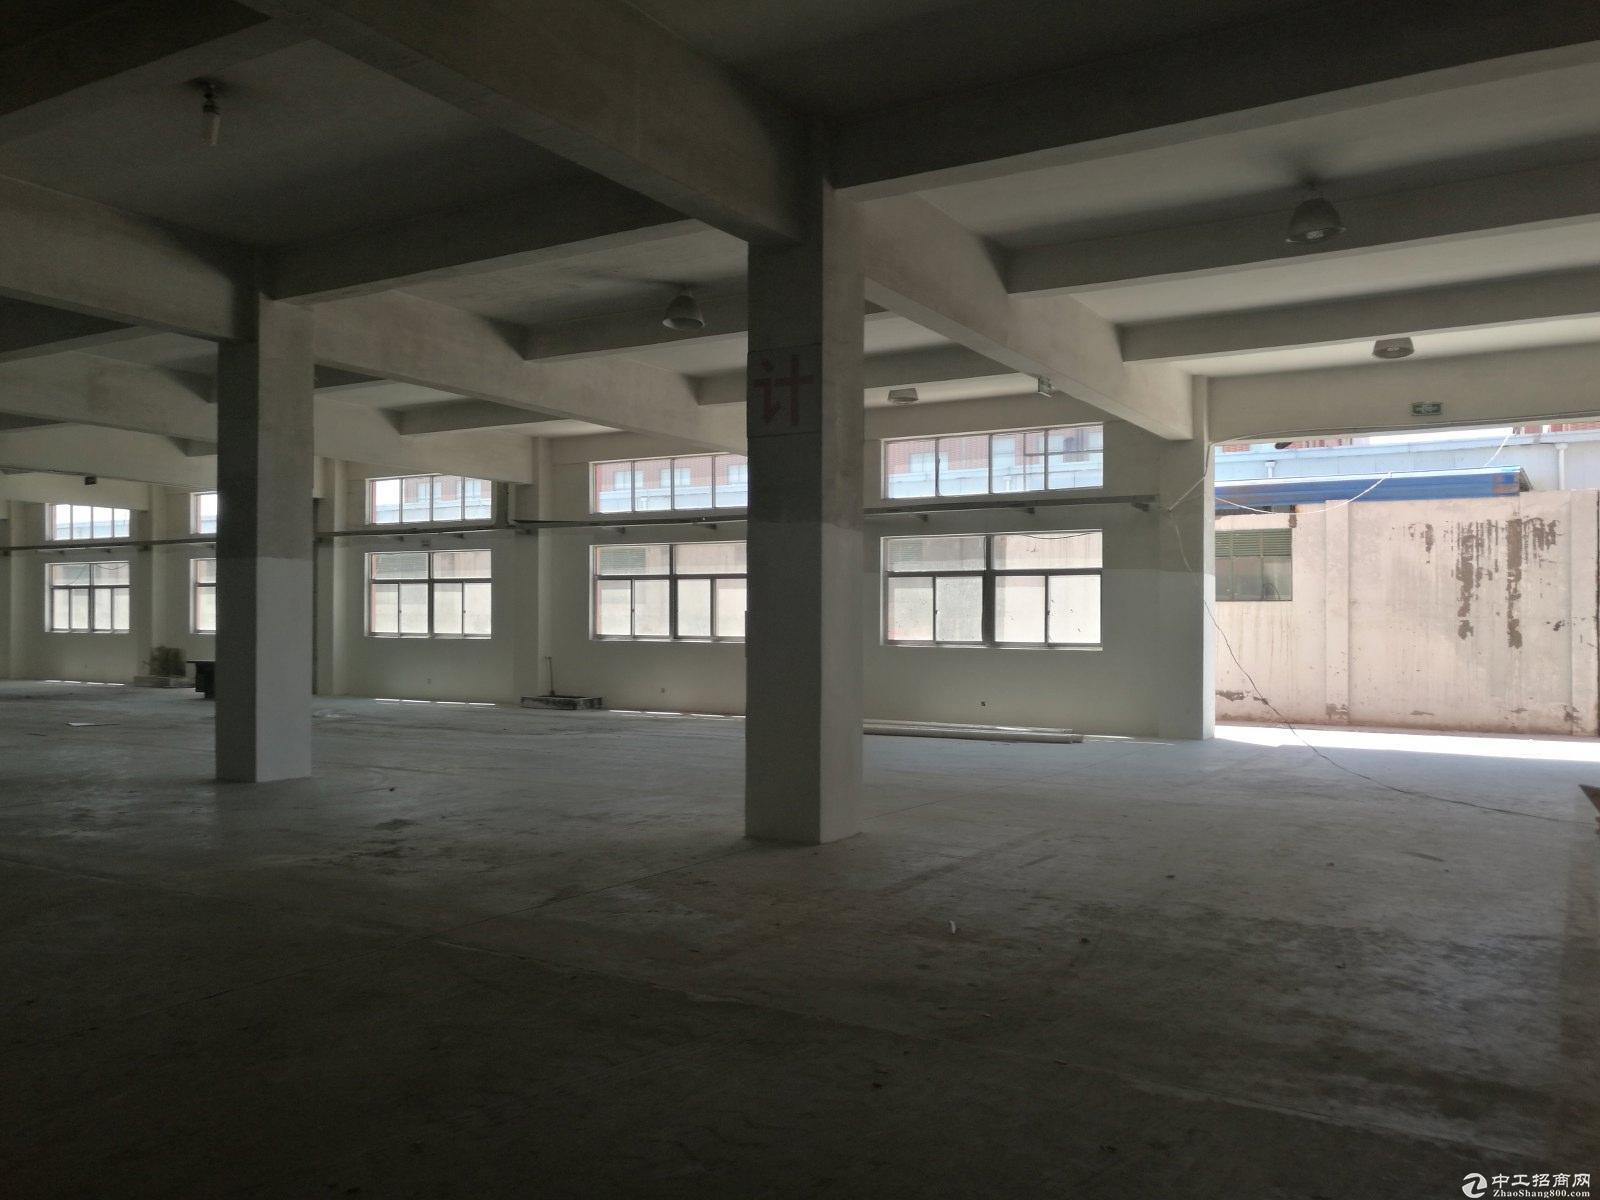 上海松江泗泾工业区独院占地11亩50年绿证8米生产厂房出售-图4